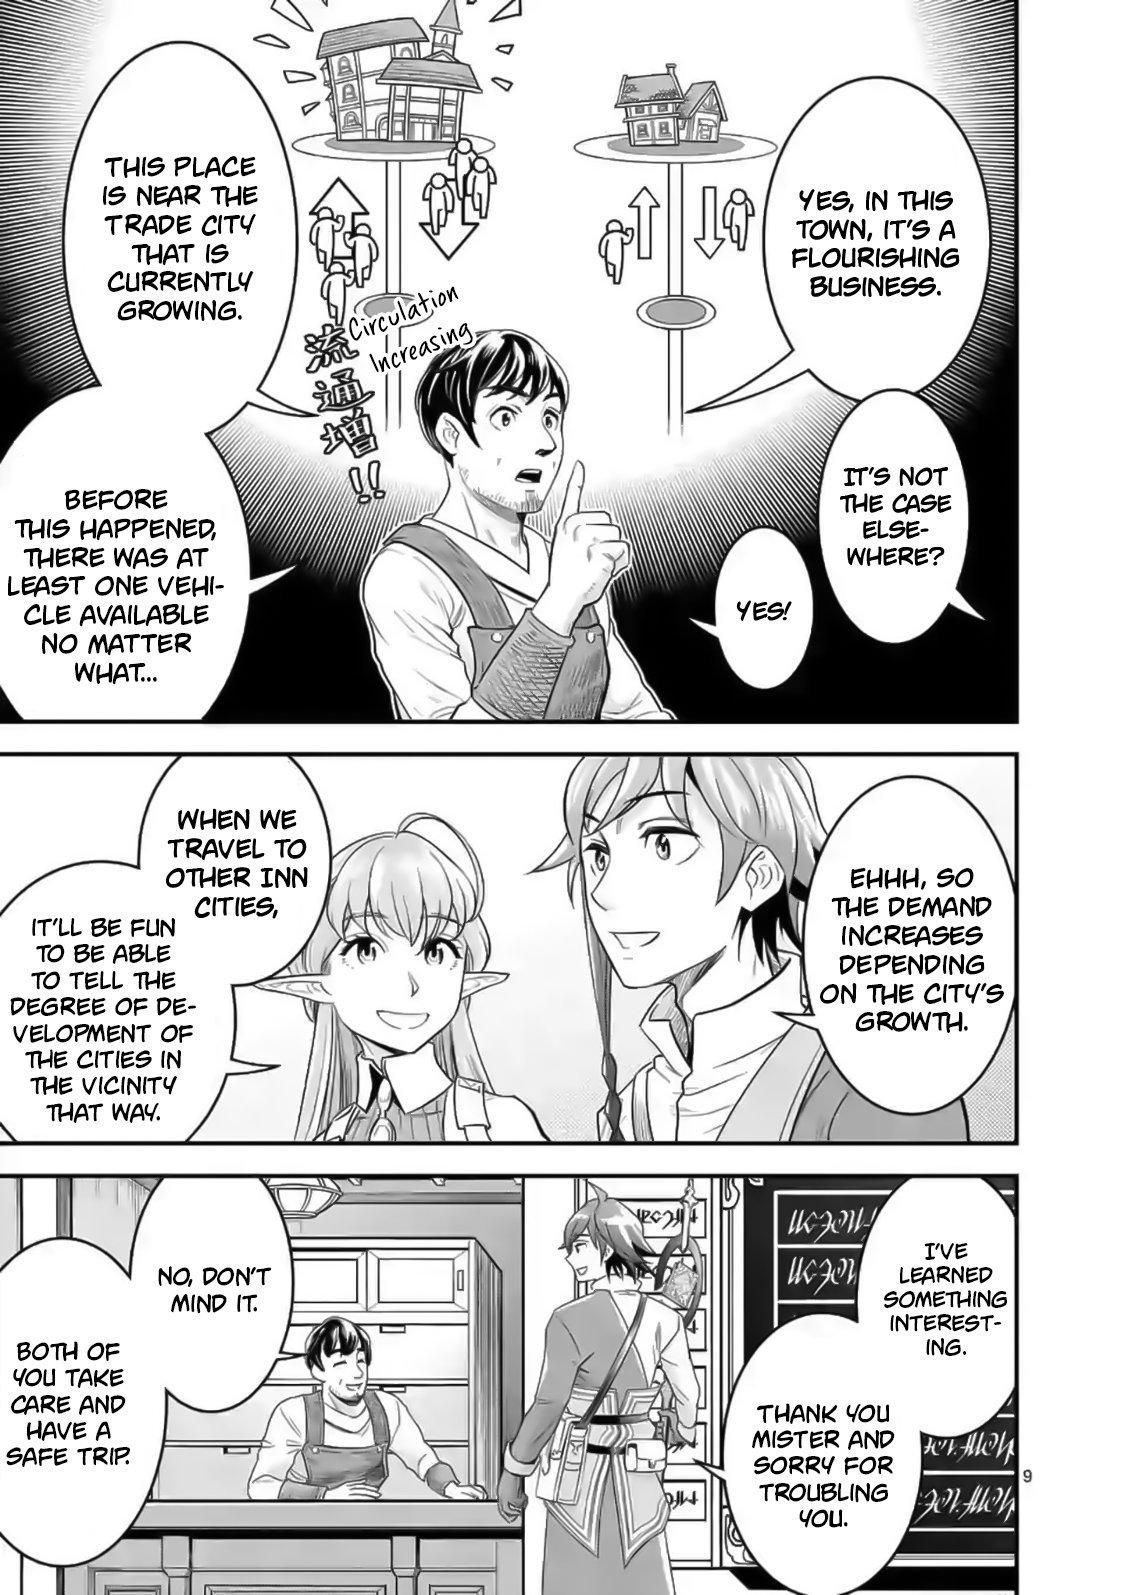 Manga 100-nin no Eiyuu o Sodateta Saikyou Yogensha wa, Boukensha ni Natte mo Sekaijuu no Deshi kara Shitawarete Masu - Chapter 19 Page 10